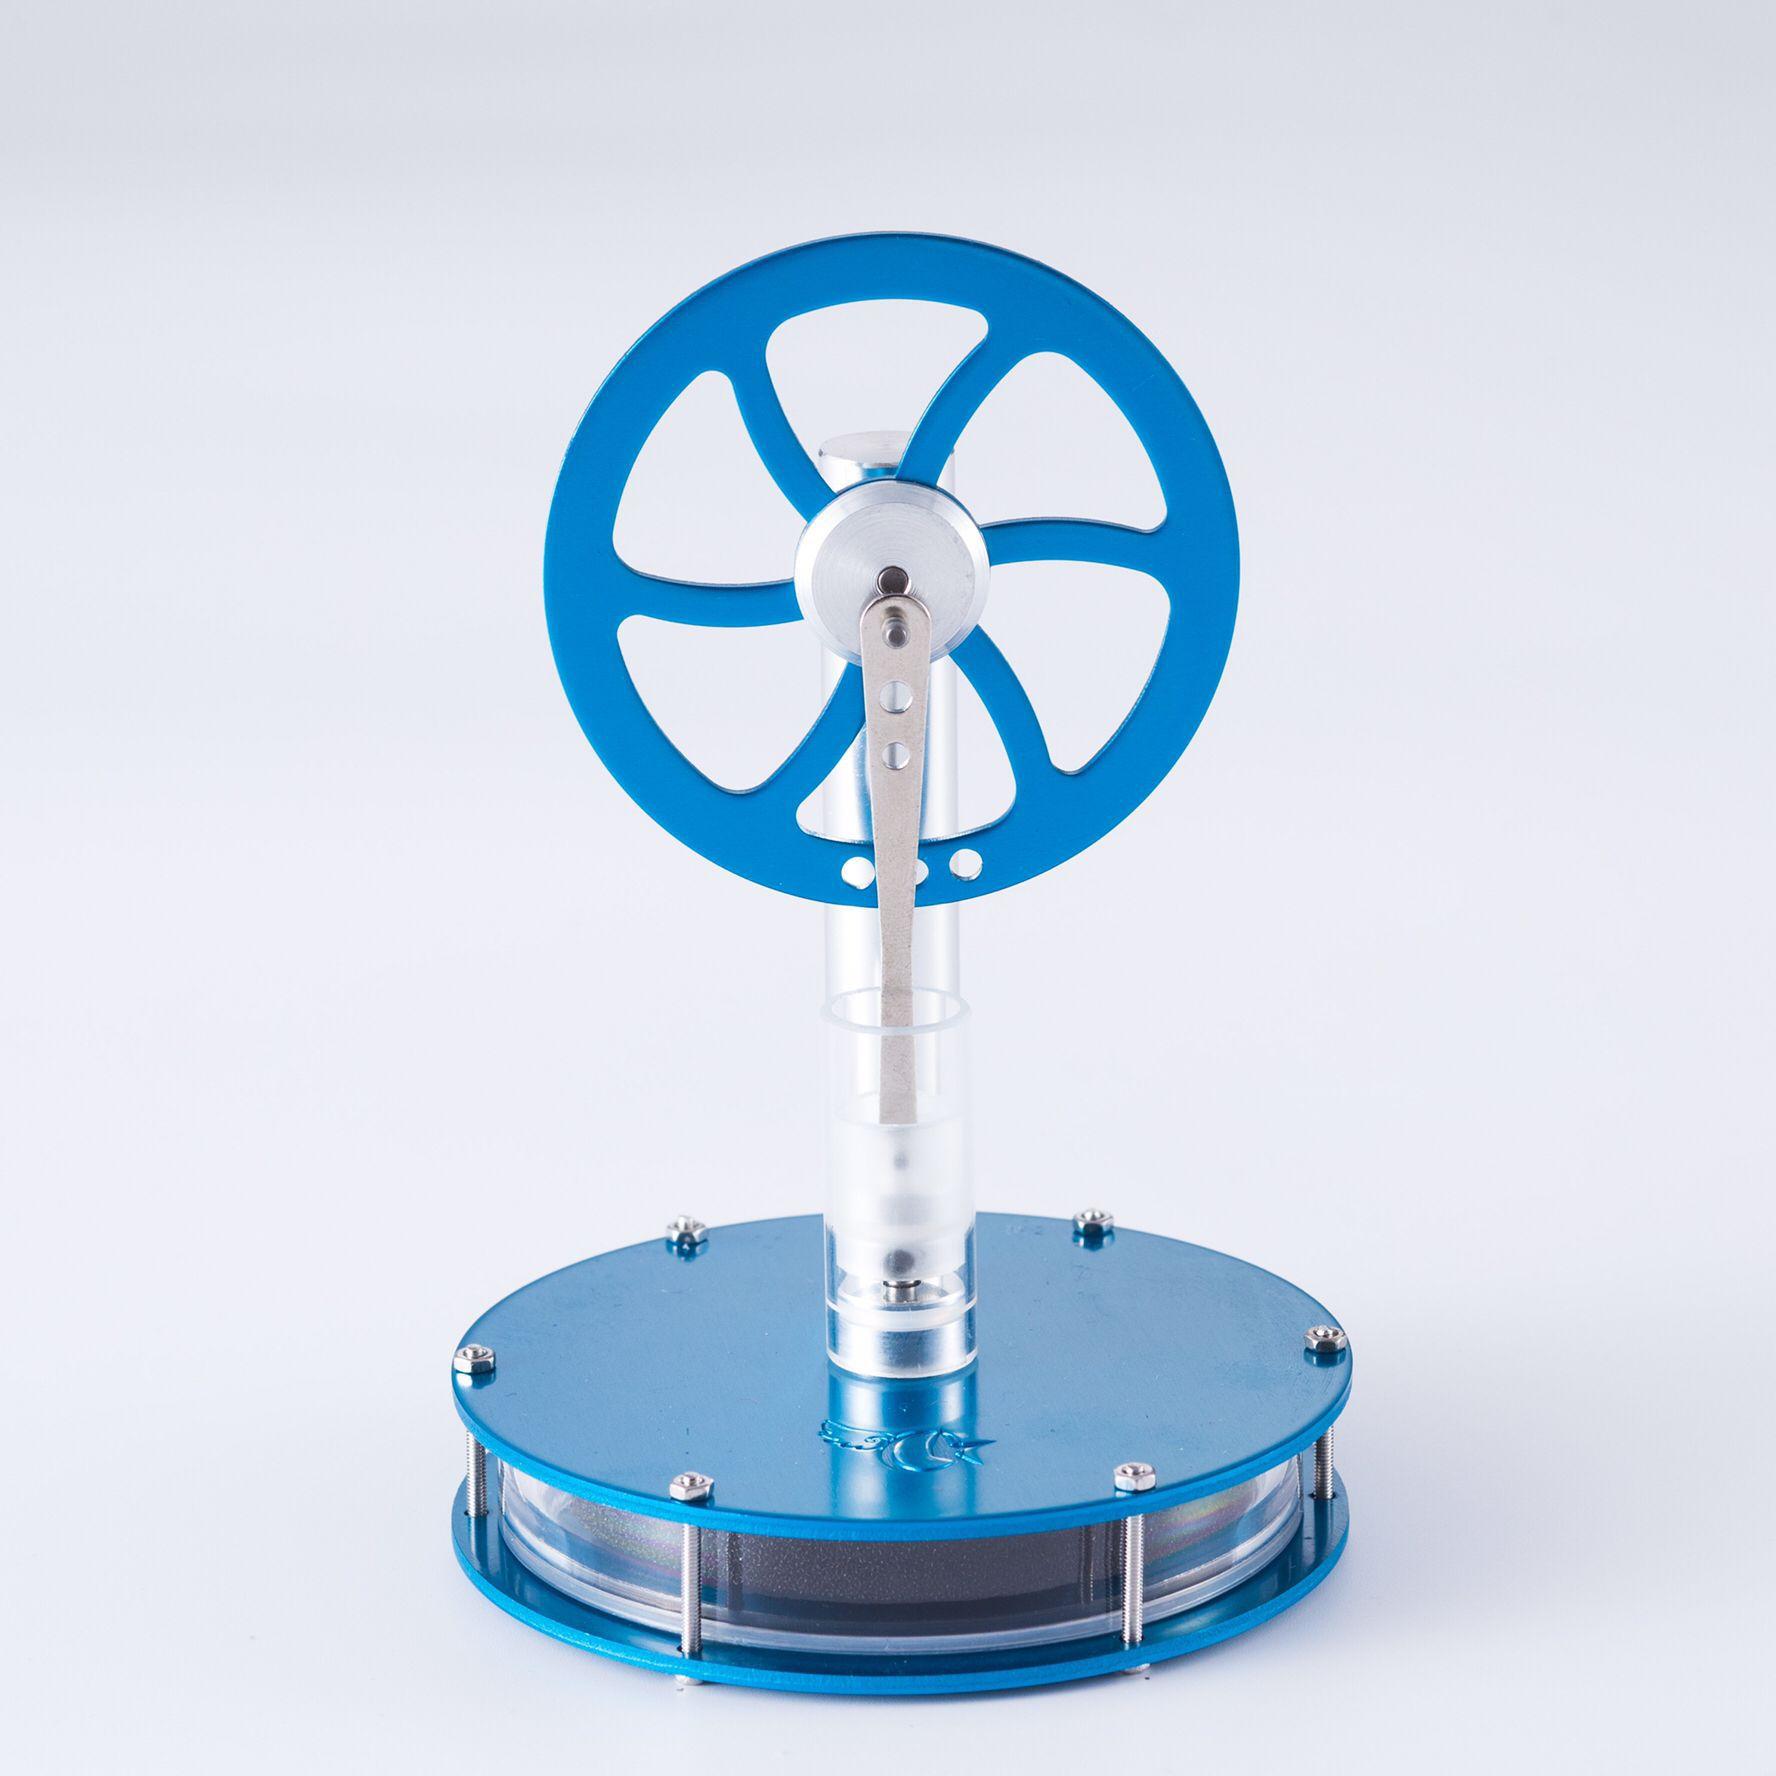 Nueva diferencia de temperatura baja, motor de aire caliente Stirling, modelo de vástago colorido para clase física, modelo experimental, regalo, juguetes para adultos